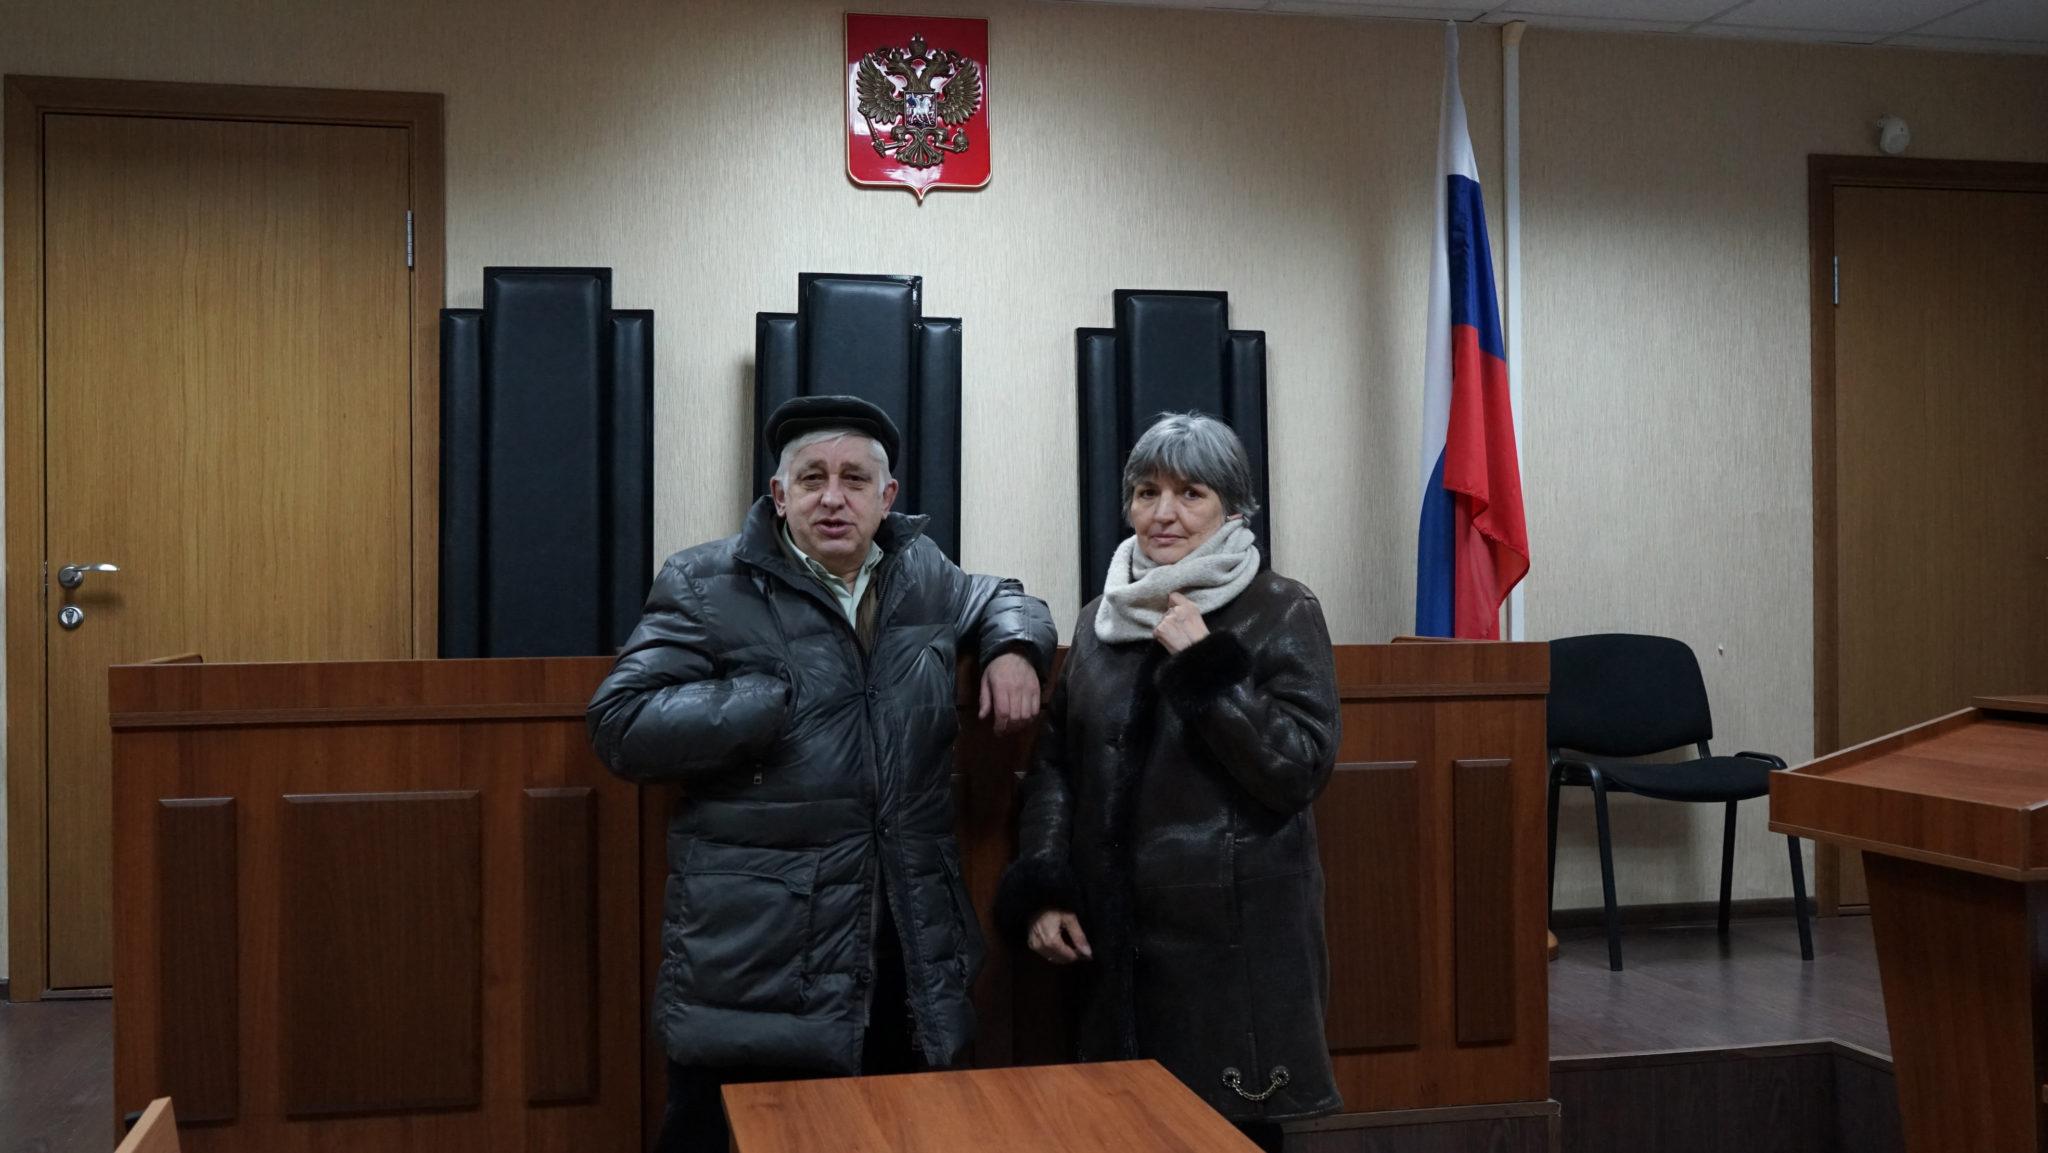 Сергей Шилов и Ольга Зеленина: дело выиграно, но сколько сил и здоровья потрачено!